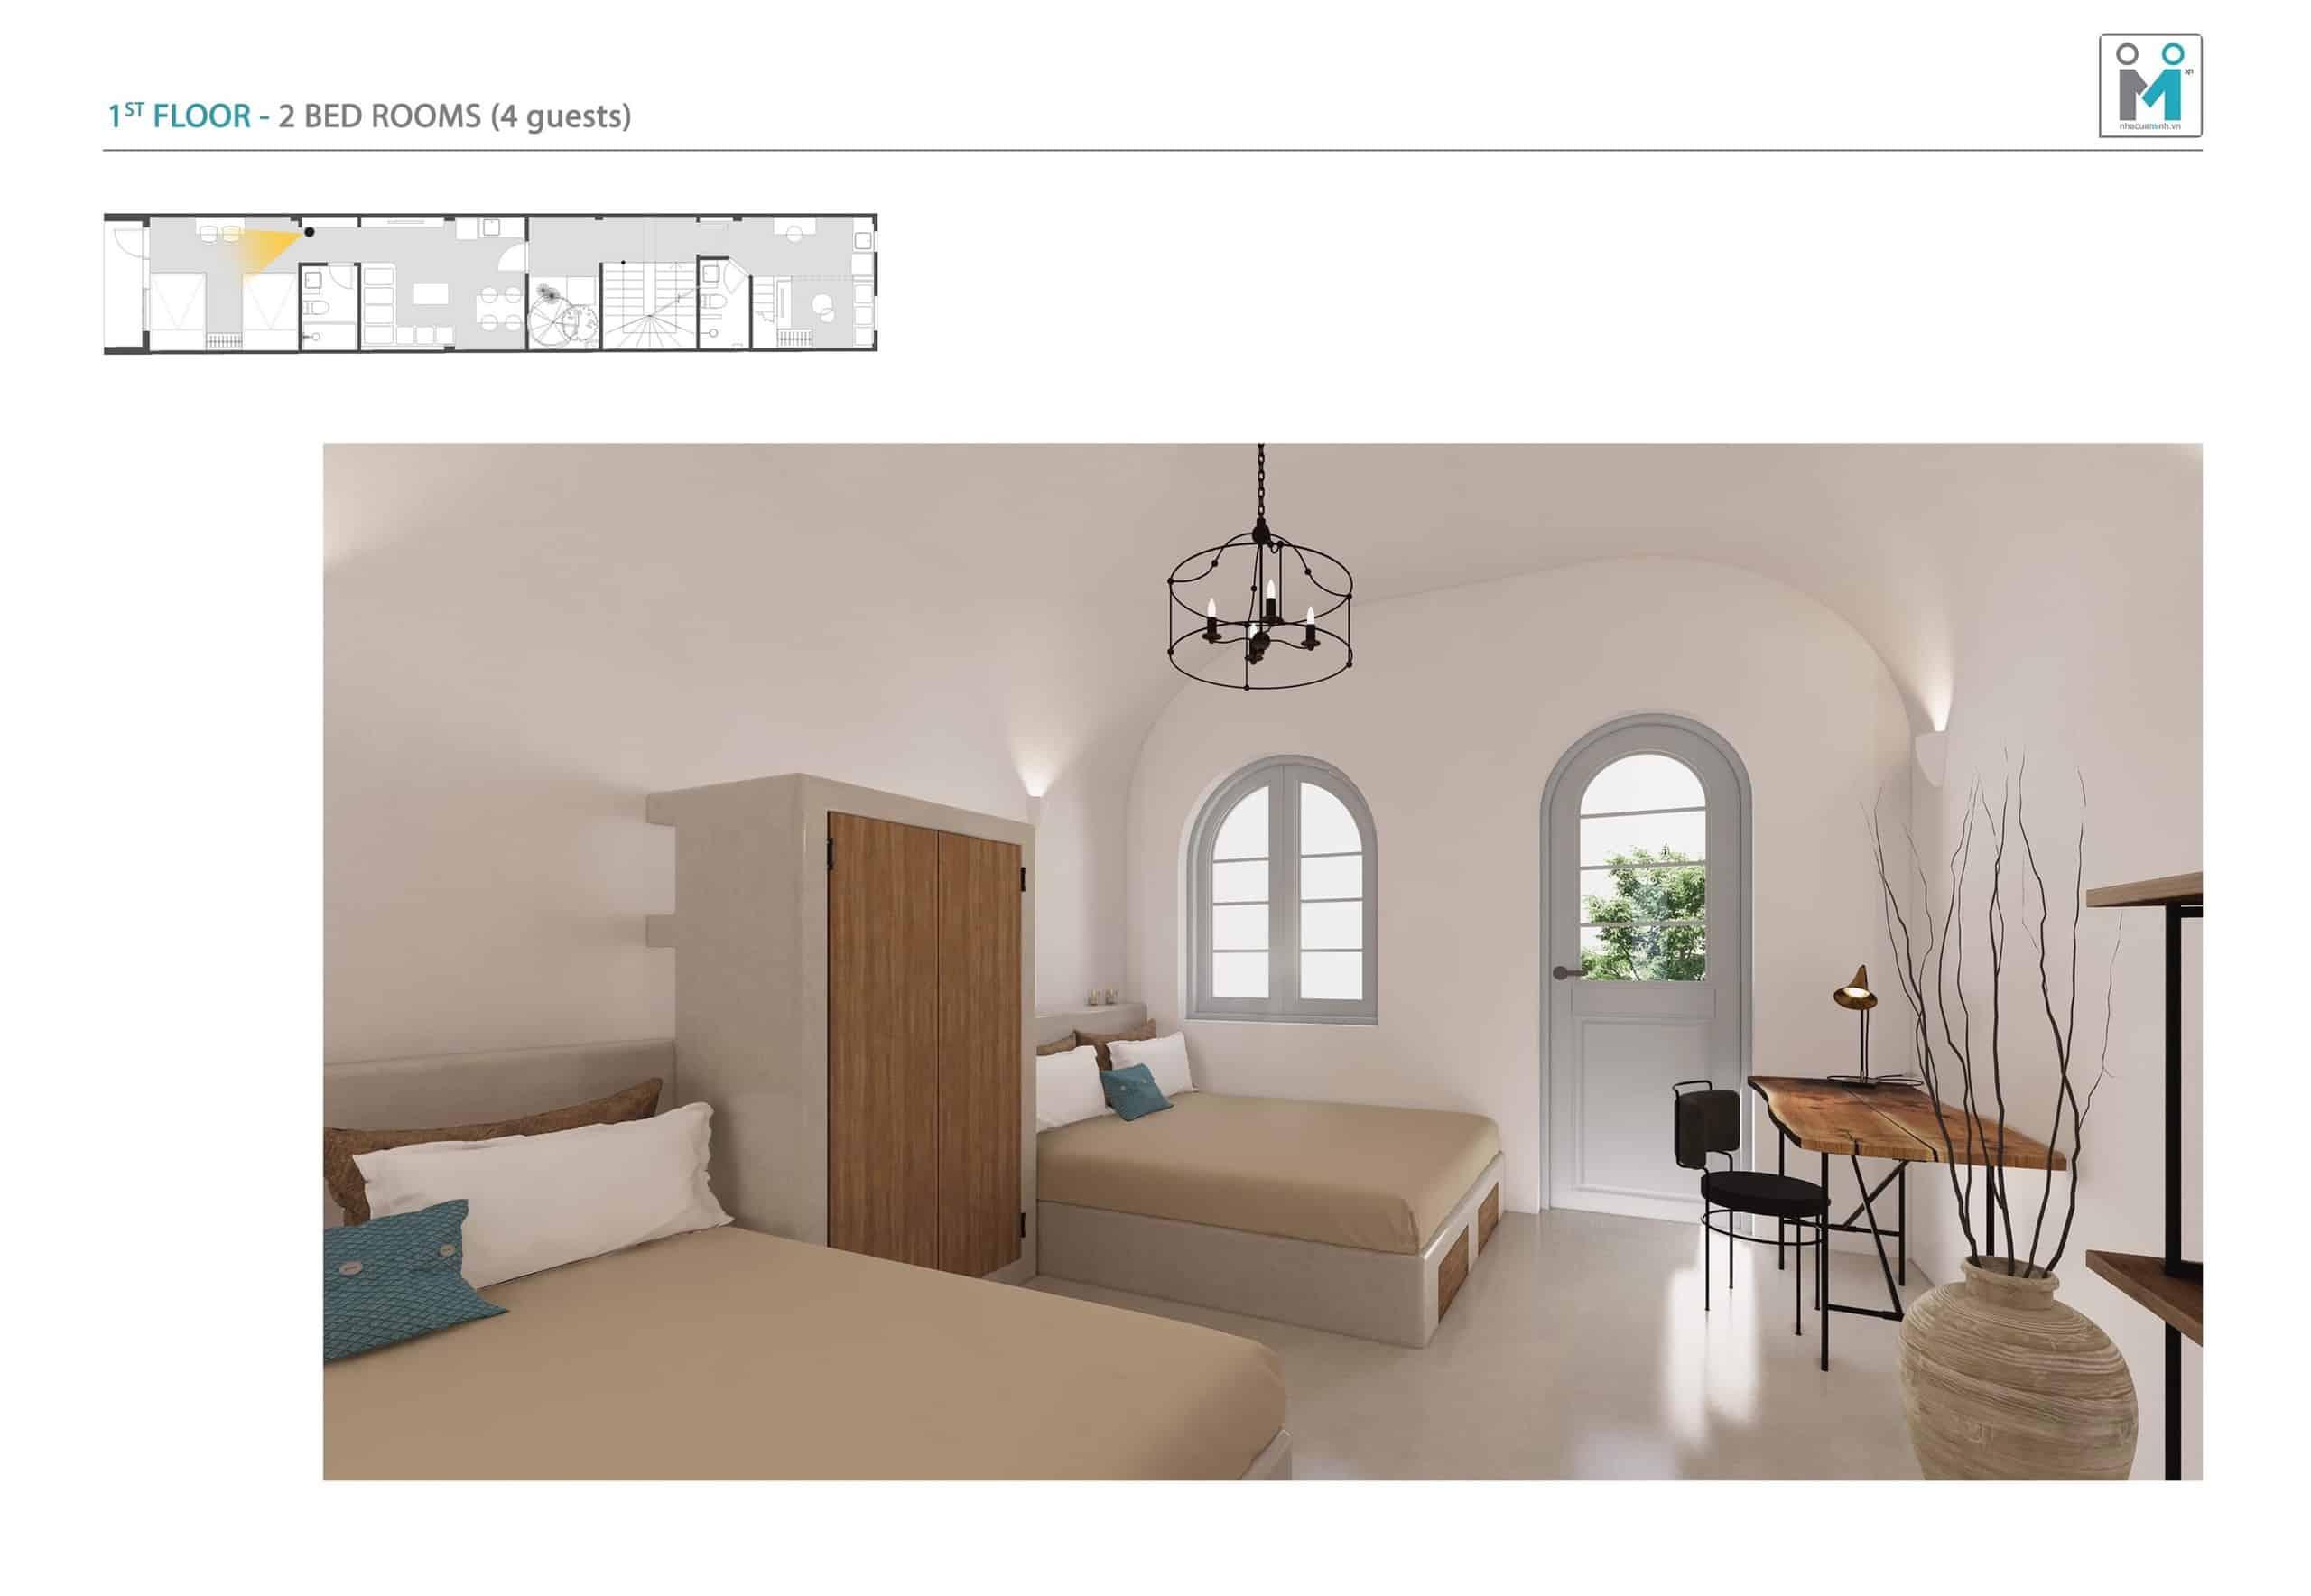 Đo vẽ hiện trạng, cải tạo căn hộ cho thuê Airbnb đường Mai Thị Lựu sau khi nâng cấp 2